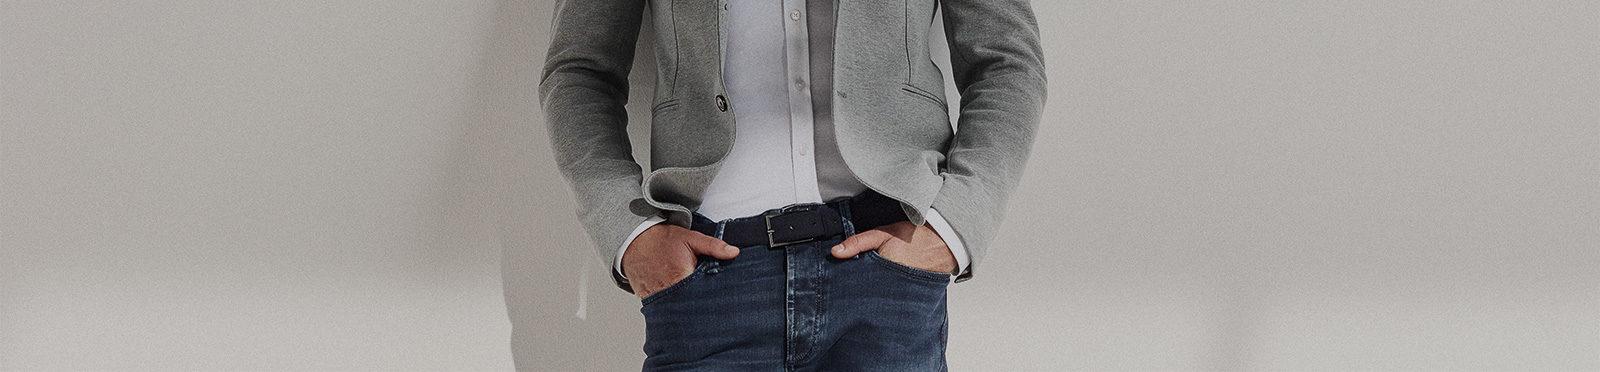 Bequeme Kleidung - bei Flugreisen und im Auto